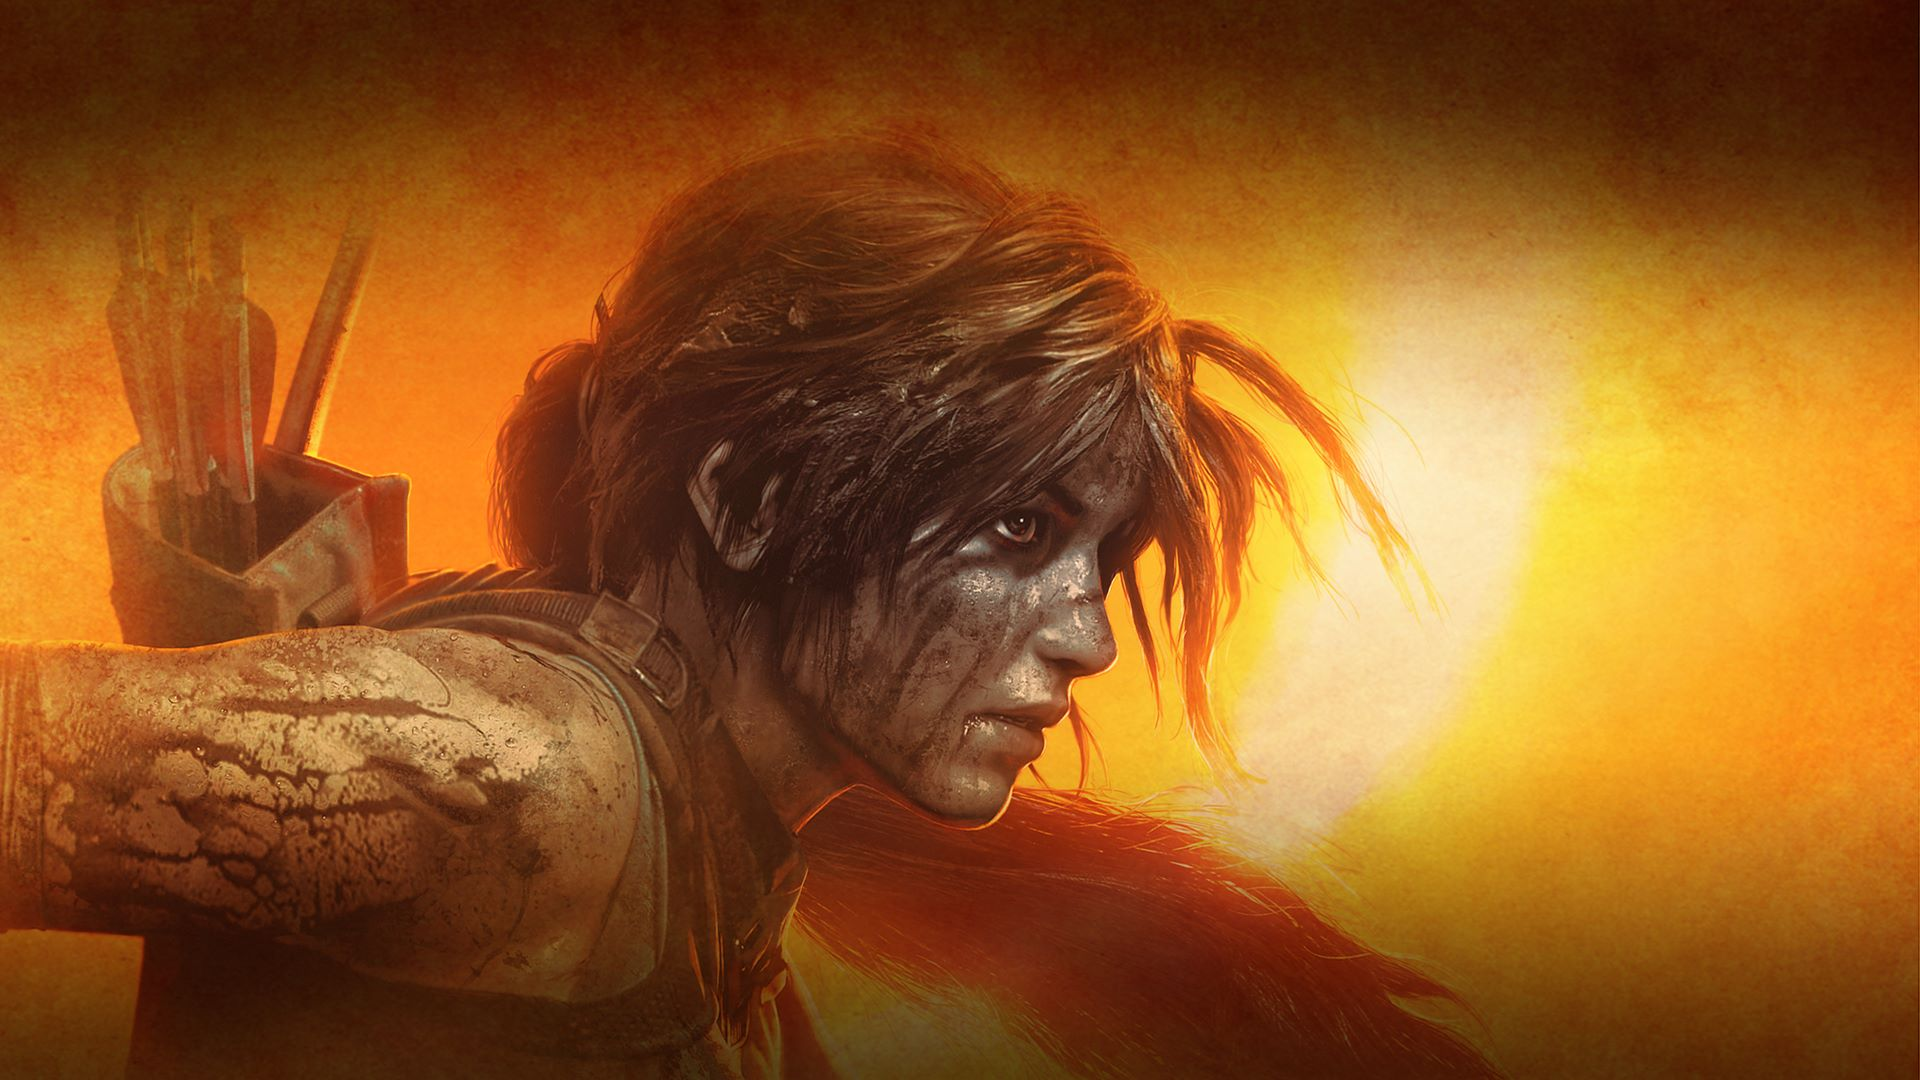 Lara Croft i razmišljanje o mirovini